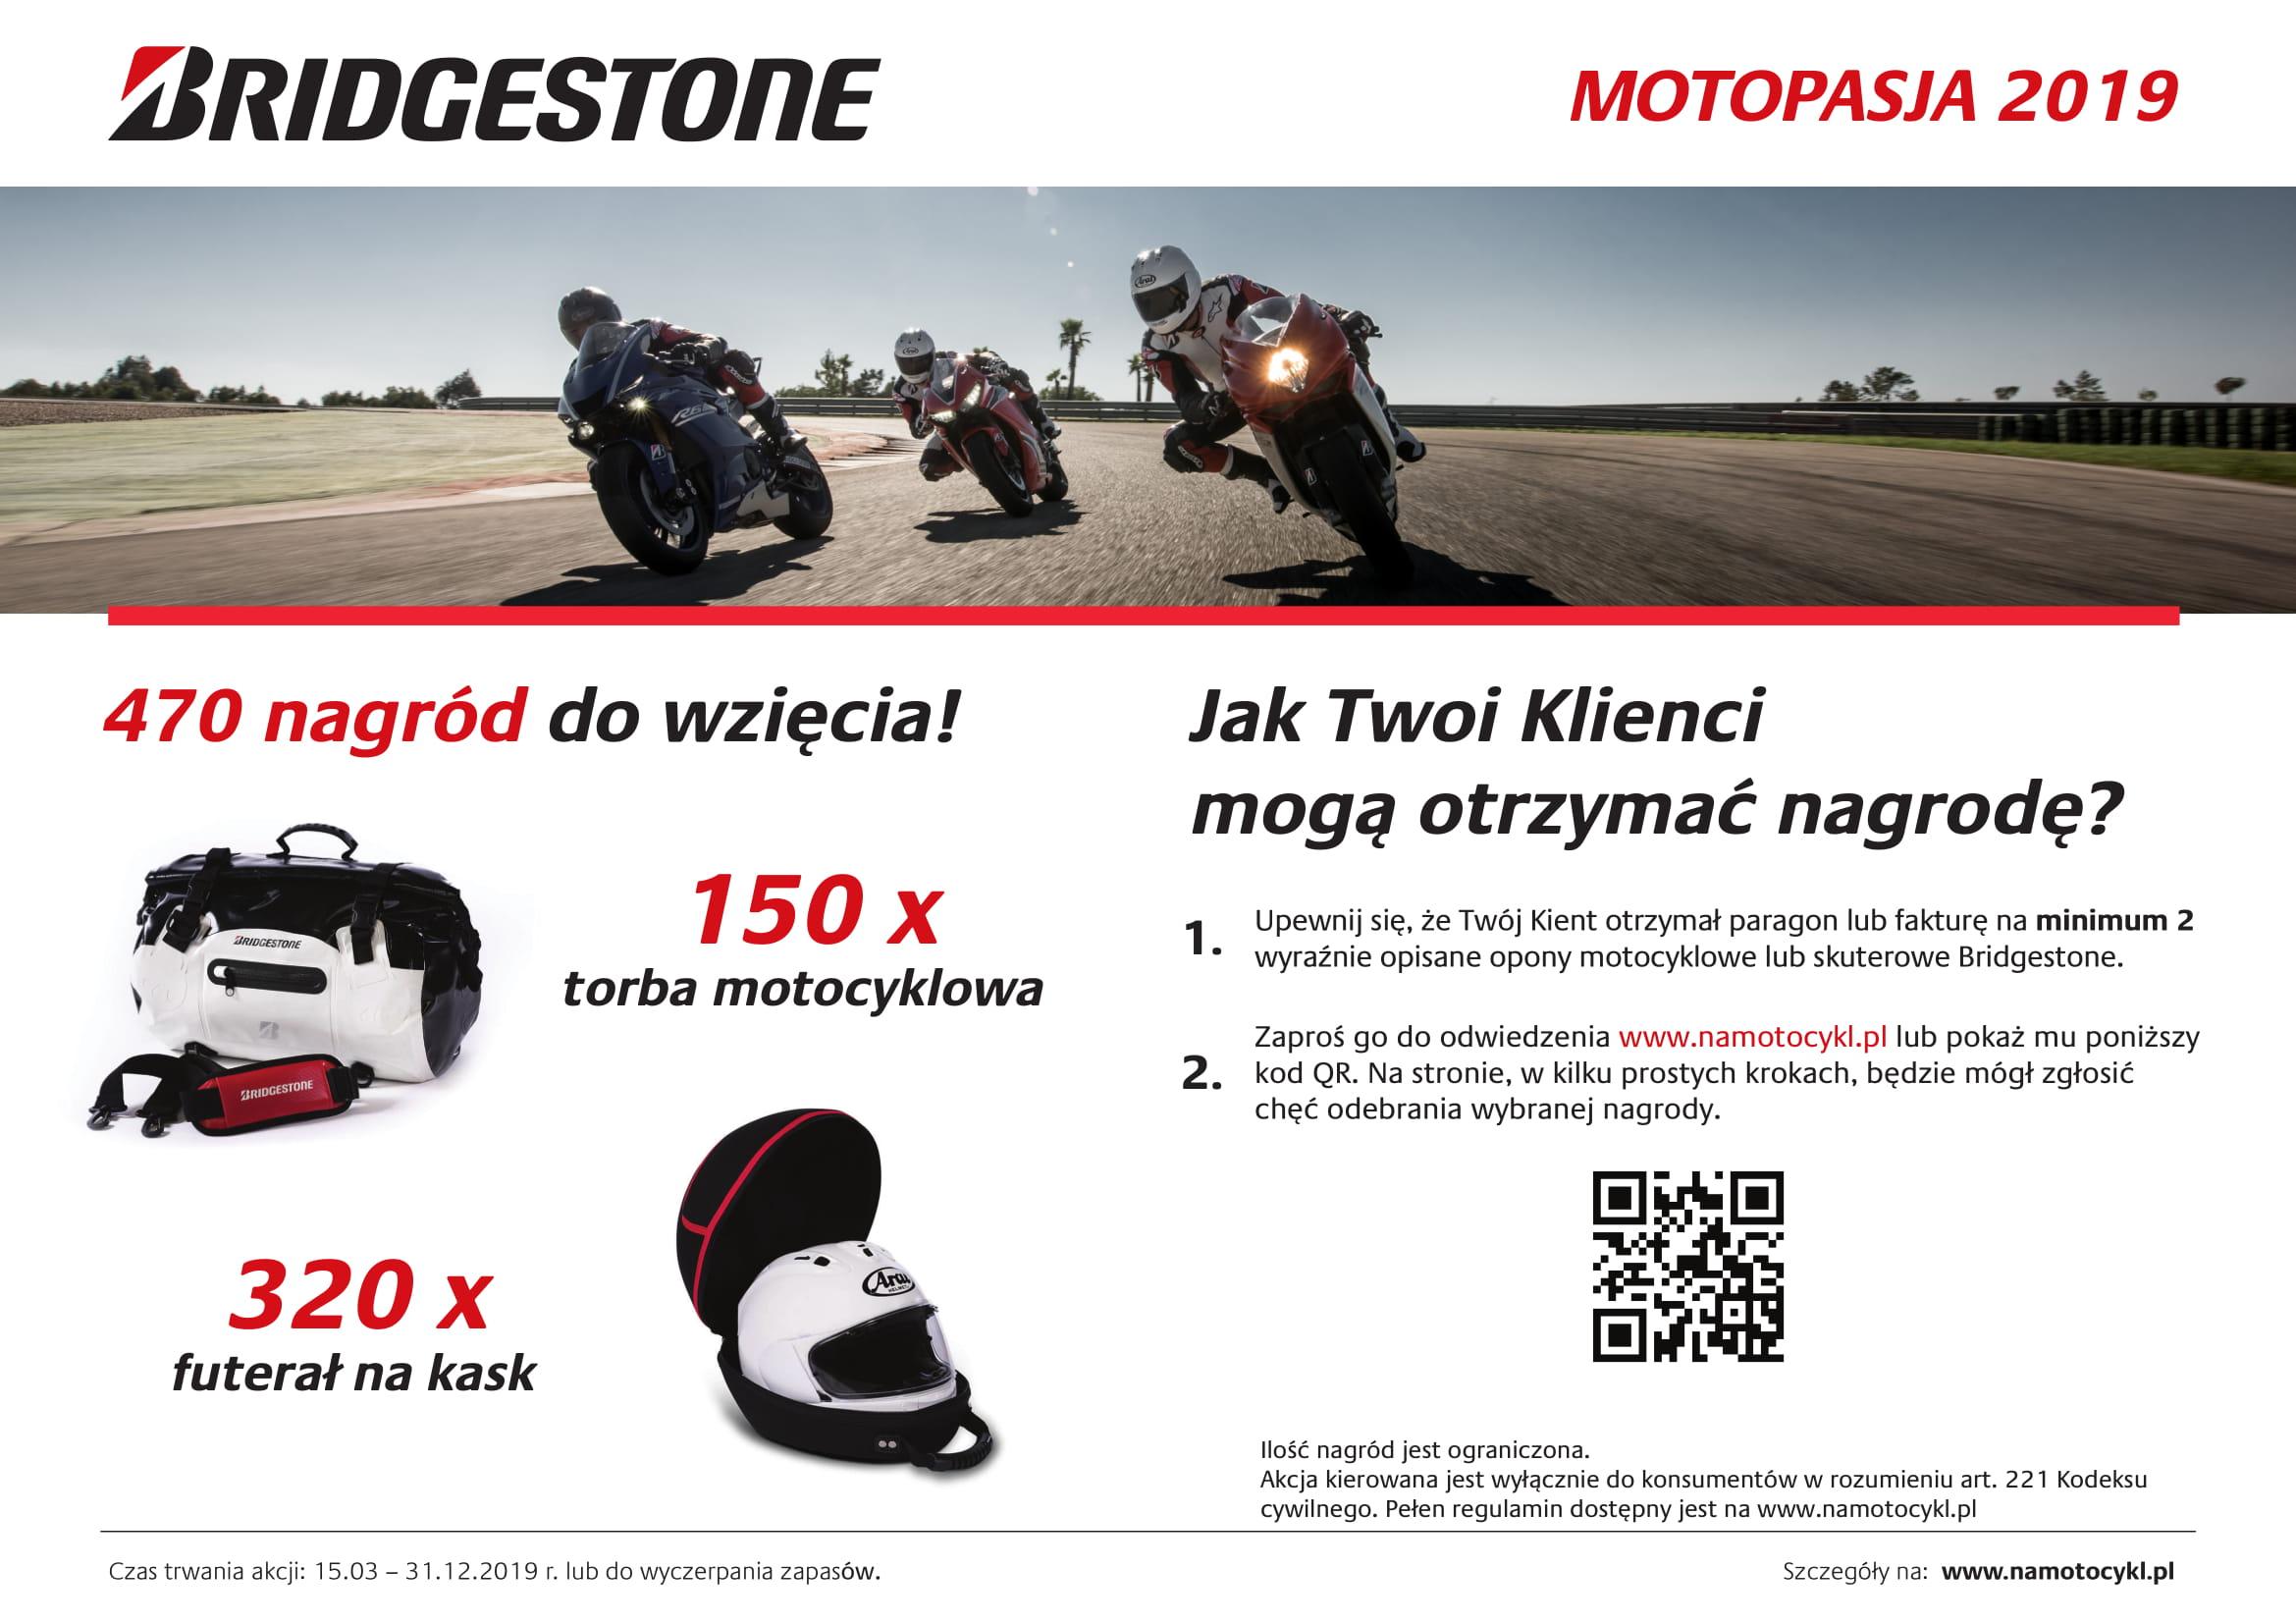 Bridgestone - MOTOPASJA 2019 - informacja dla dilera-1